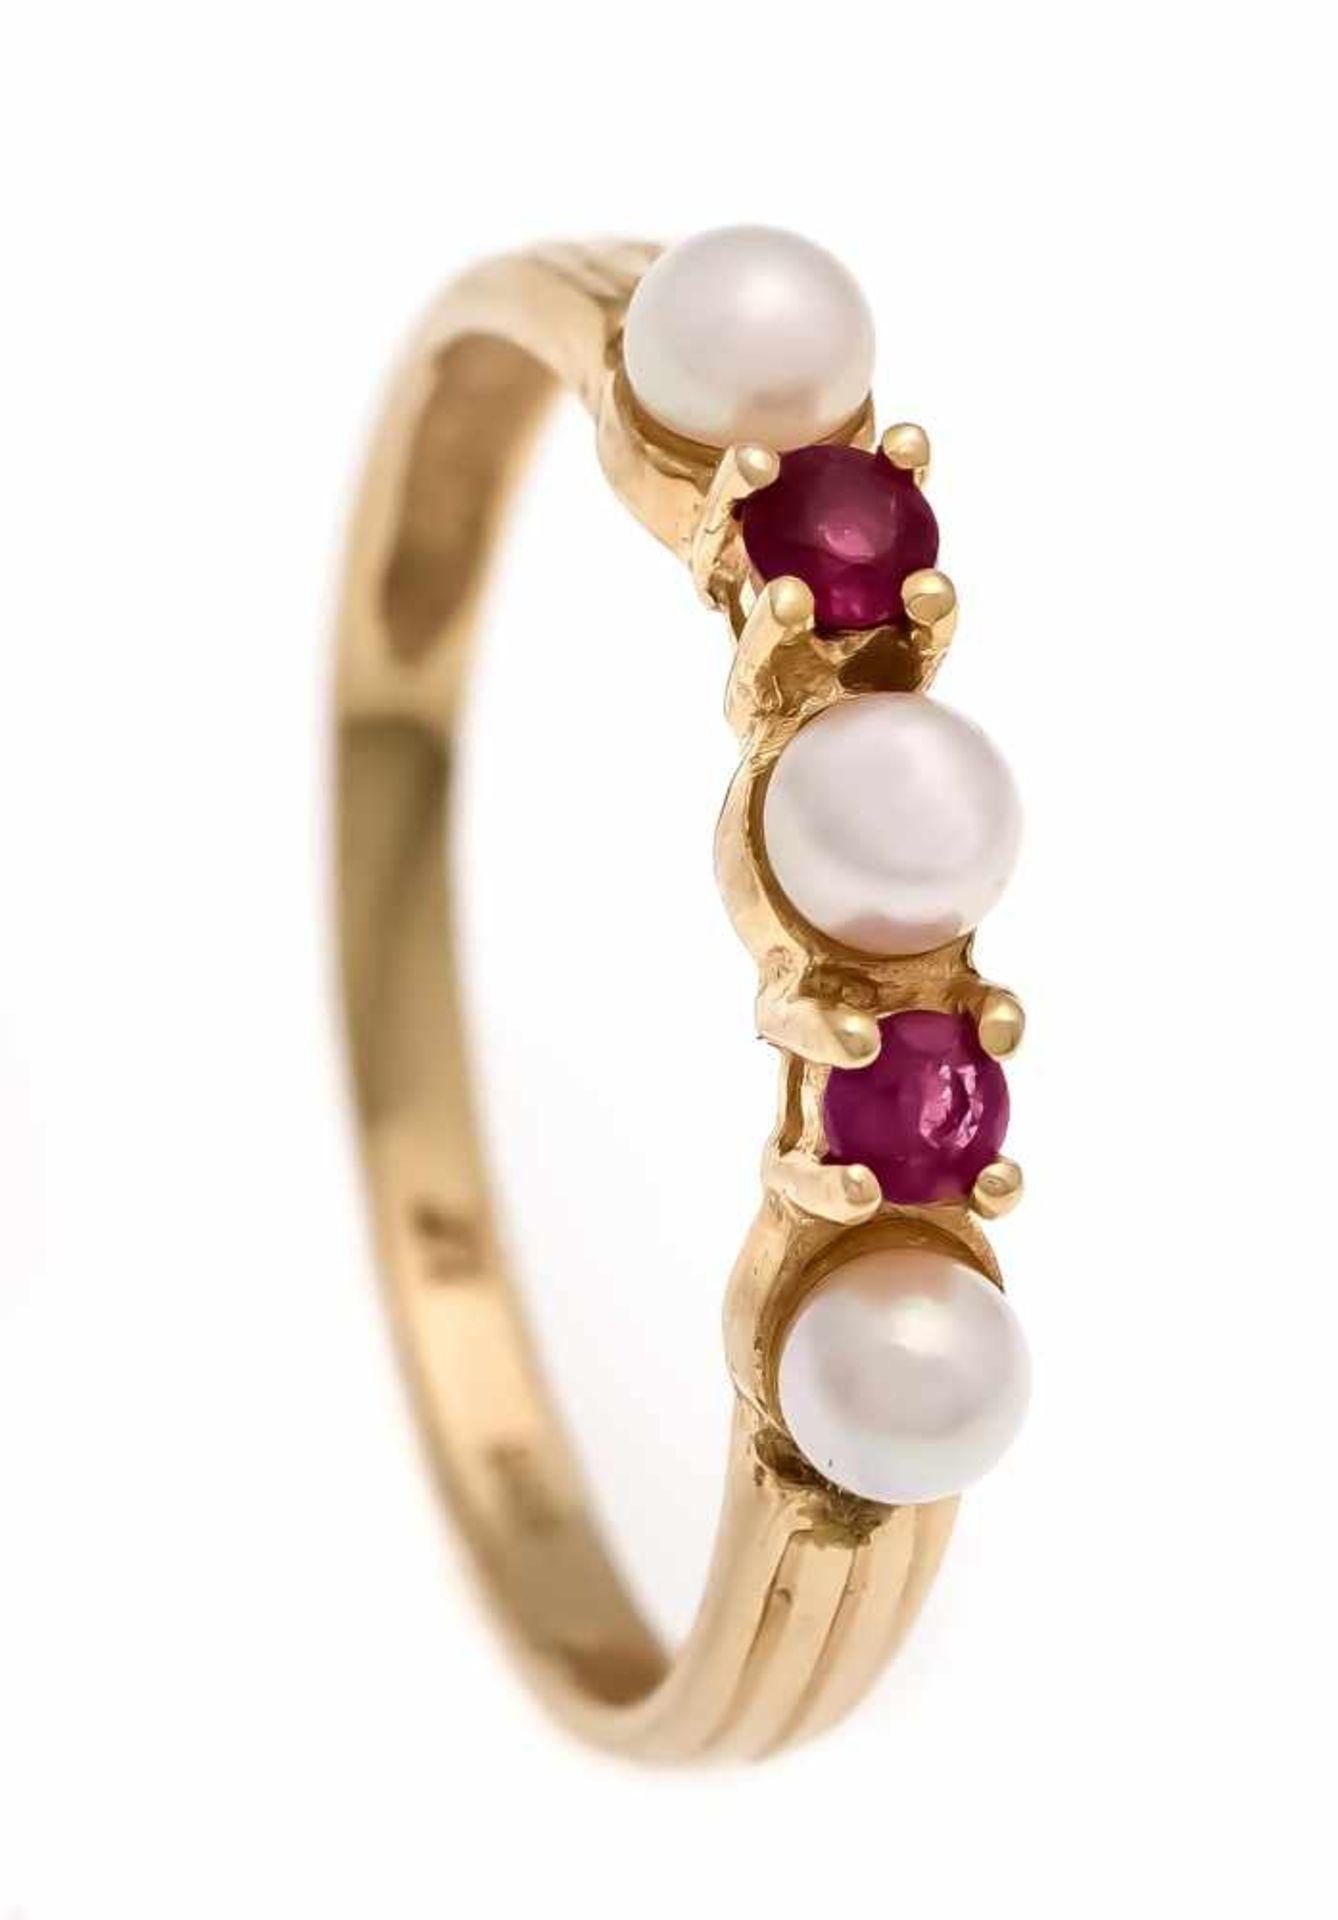 Rubin-Perlen-Ring GG 585/000 mit 2 rund fac. Rubinen 2 mm in guter Farbe und 3 Akoyaperlen3 mm, RG